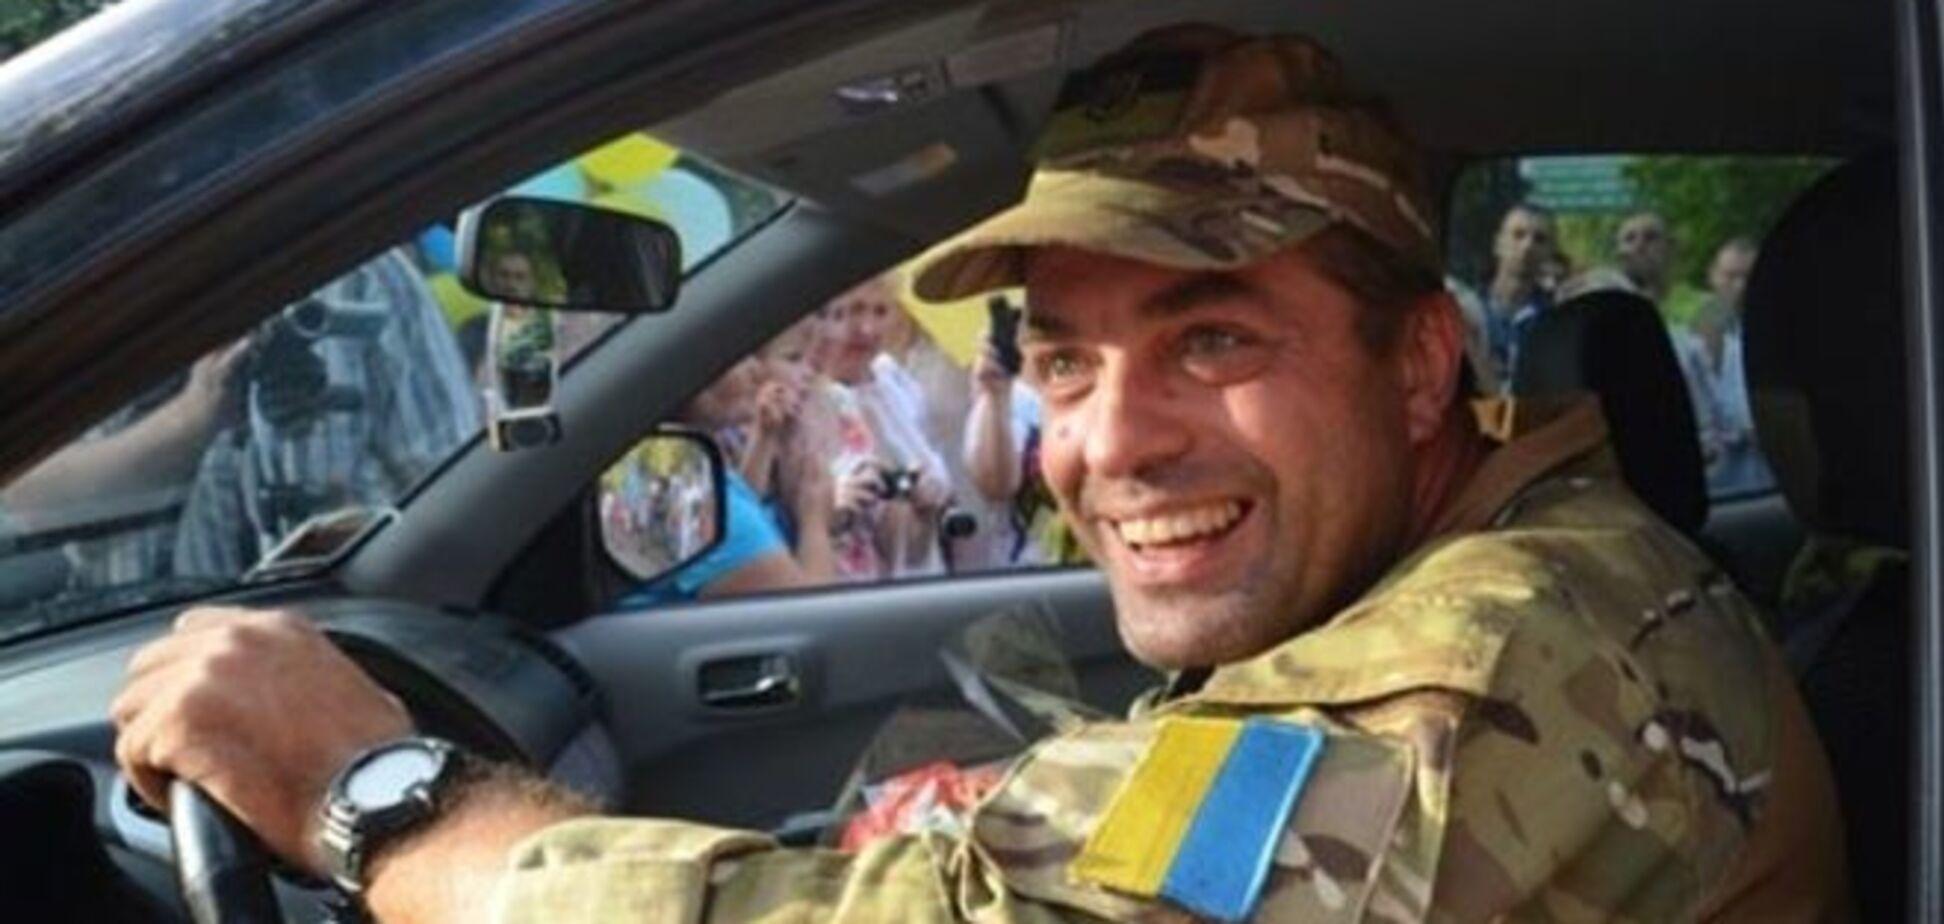 Юрий Бирюков: пленные россияне на Донбассе говорили, что у них 'чердак' сносило